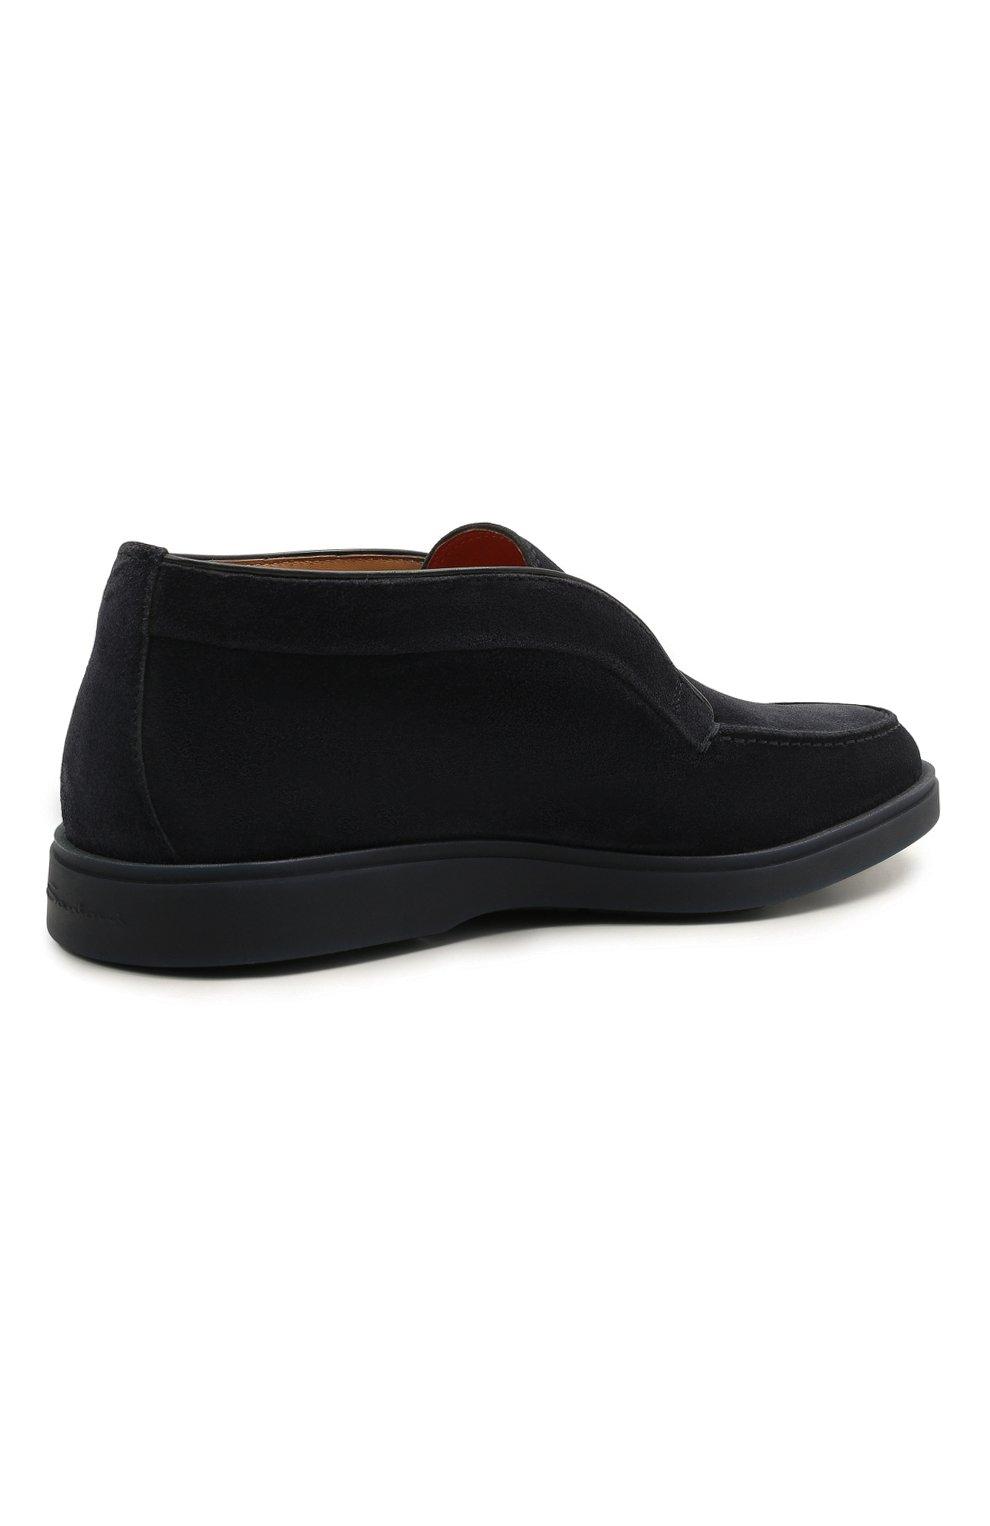 Мужские замшевые ботинки SANTONI темно-синего цвета, арт. MGDG1782300TESVUU60 | Фото 4 (Мужское Кросс-КТ: Ботинки-обувь; Материал внутренний: Натуральная кожа; Подошва: Плоская; Материал внешний: Замша)